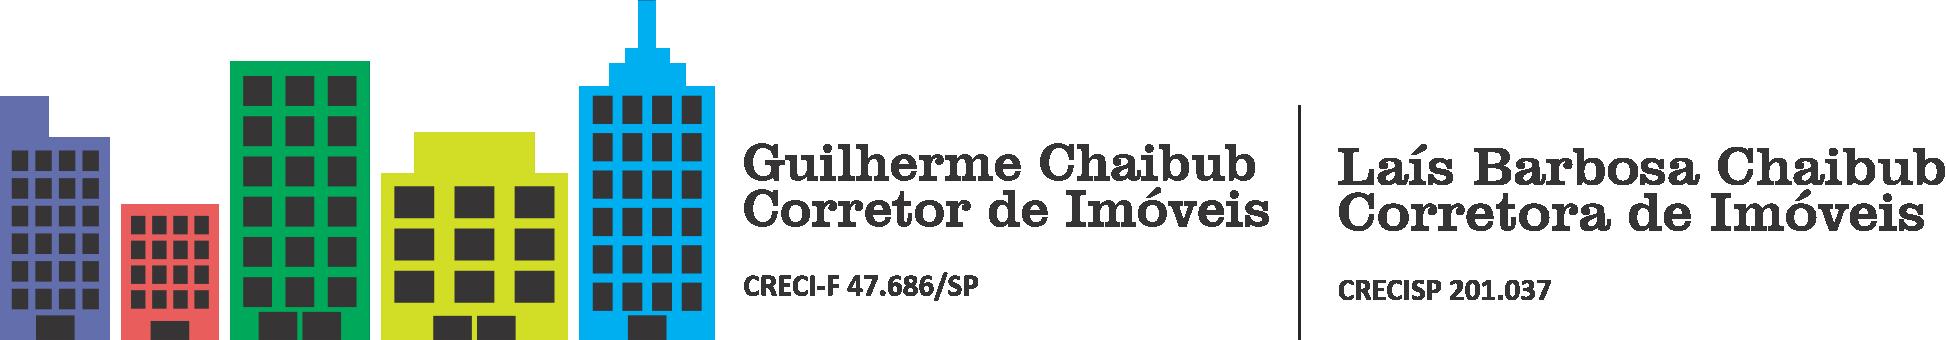 Guilherme Chaibub